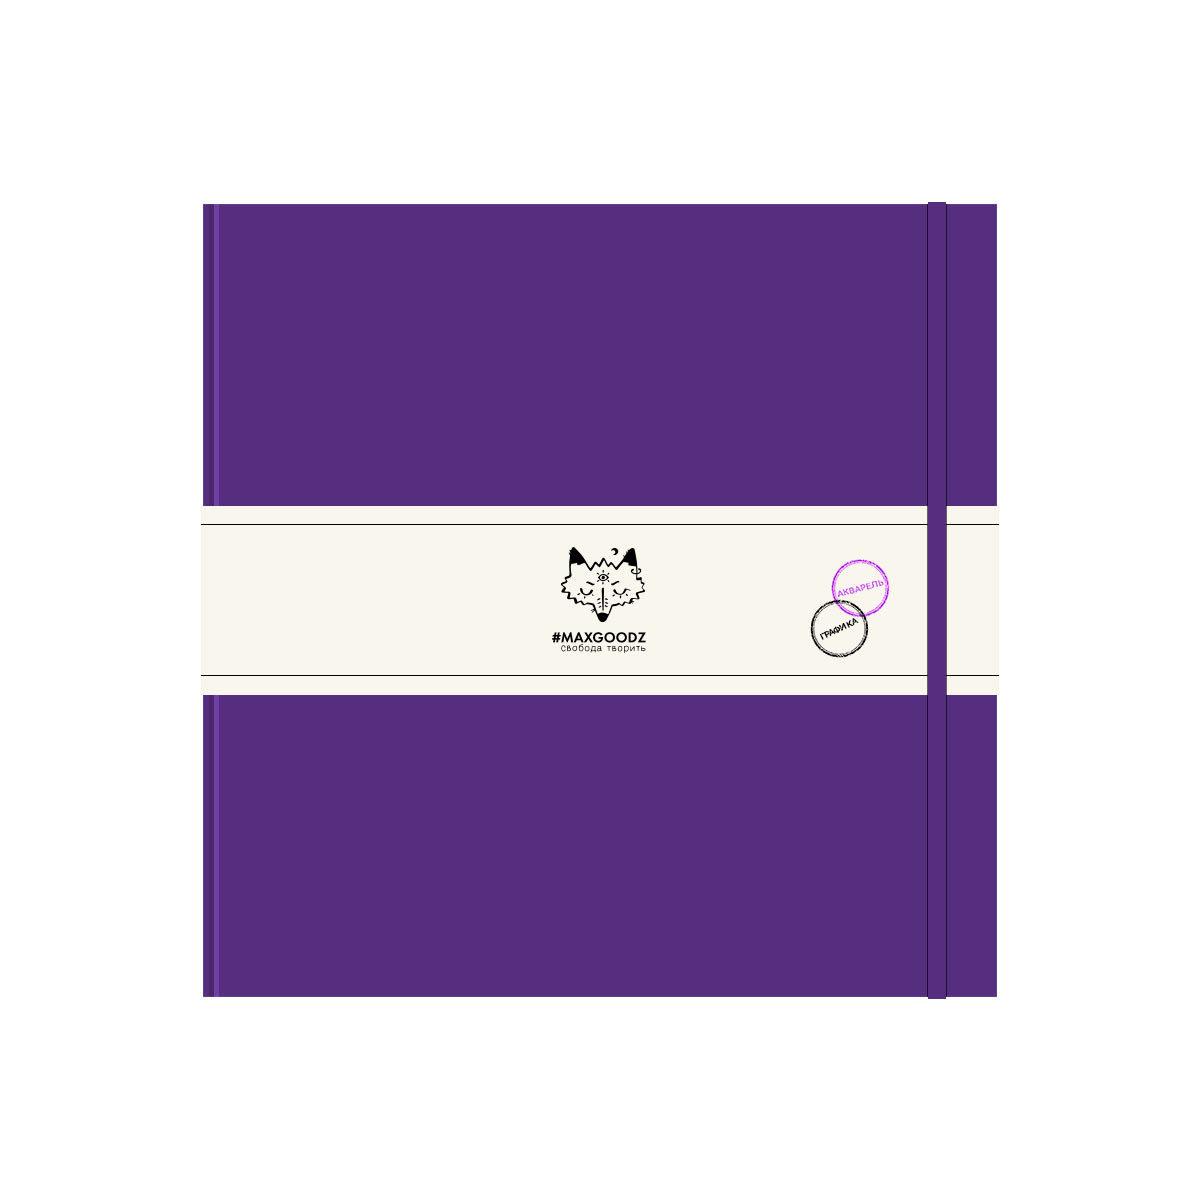 Купить Скетчбук для акварели в твёрдом переплёте Maxgoodz Heavy Aqua 21х21 см, 48 л, 230 г Фиолетовый, Россия